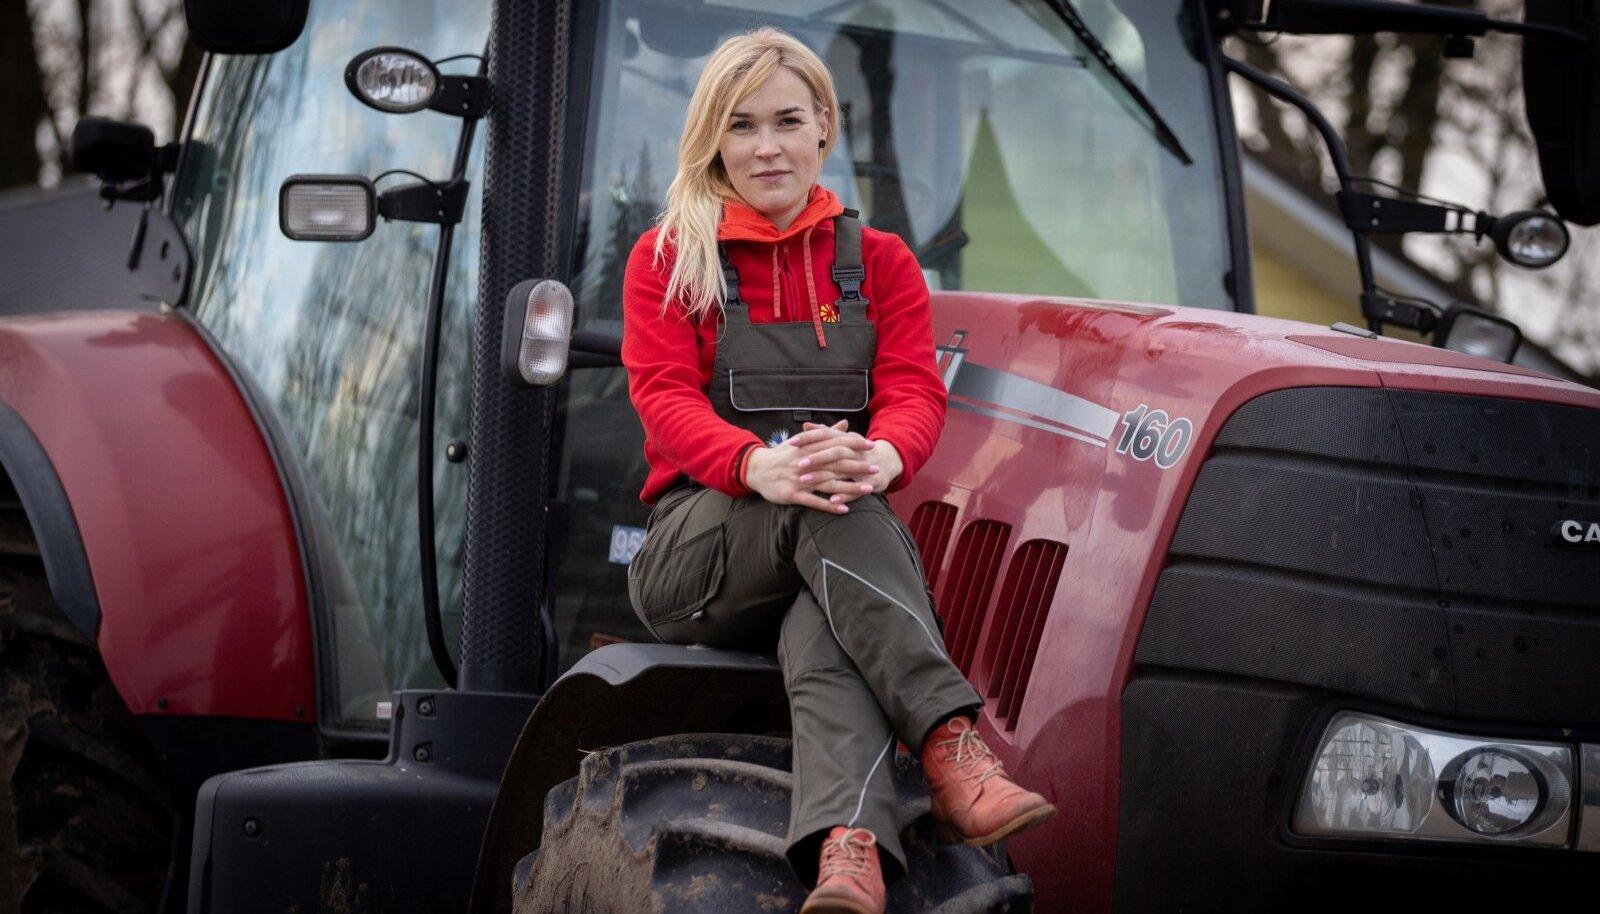 """Kuigi Kaja Piirfeldt ise enam iga päev rutiinseid talutöid ei tee, on ta valmis alati käsi külge lööma, kui on asendajat tarvis. Näiteks selle traktoriga tegi ta suvel mitusada rolli silo. """"Tänapäeva traktor on nagu kosmoselaev – kõrgtehnoloogiline masin, millega saab ägedaid asju teha,"""" lisab ta elevusega."""